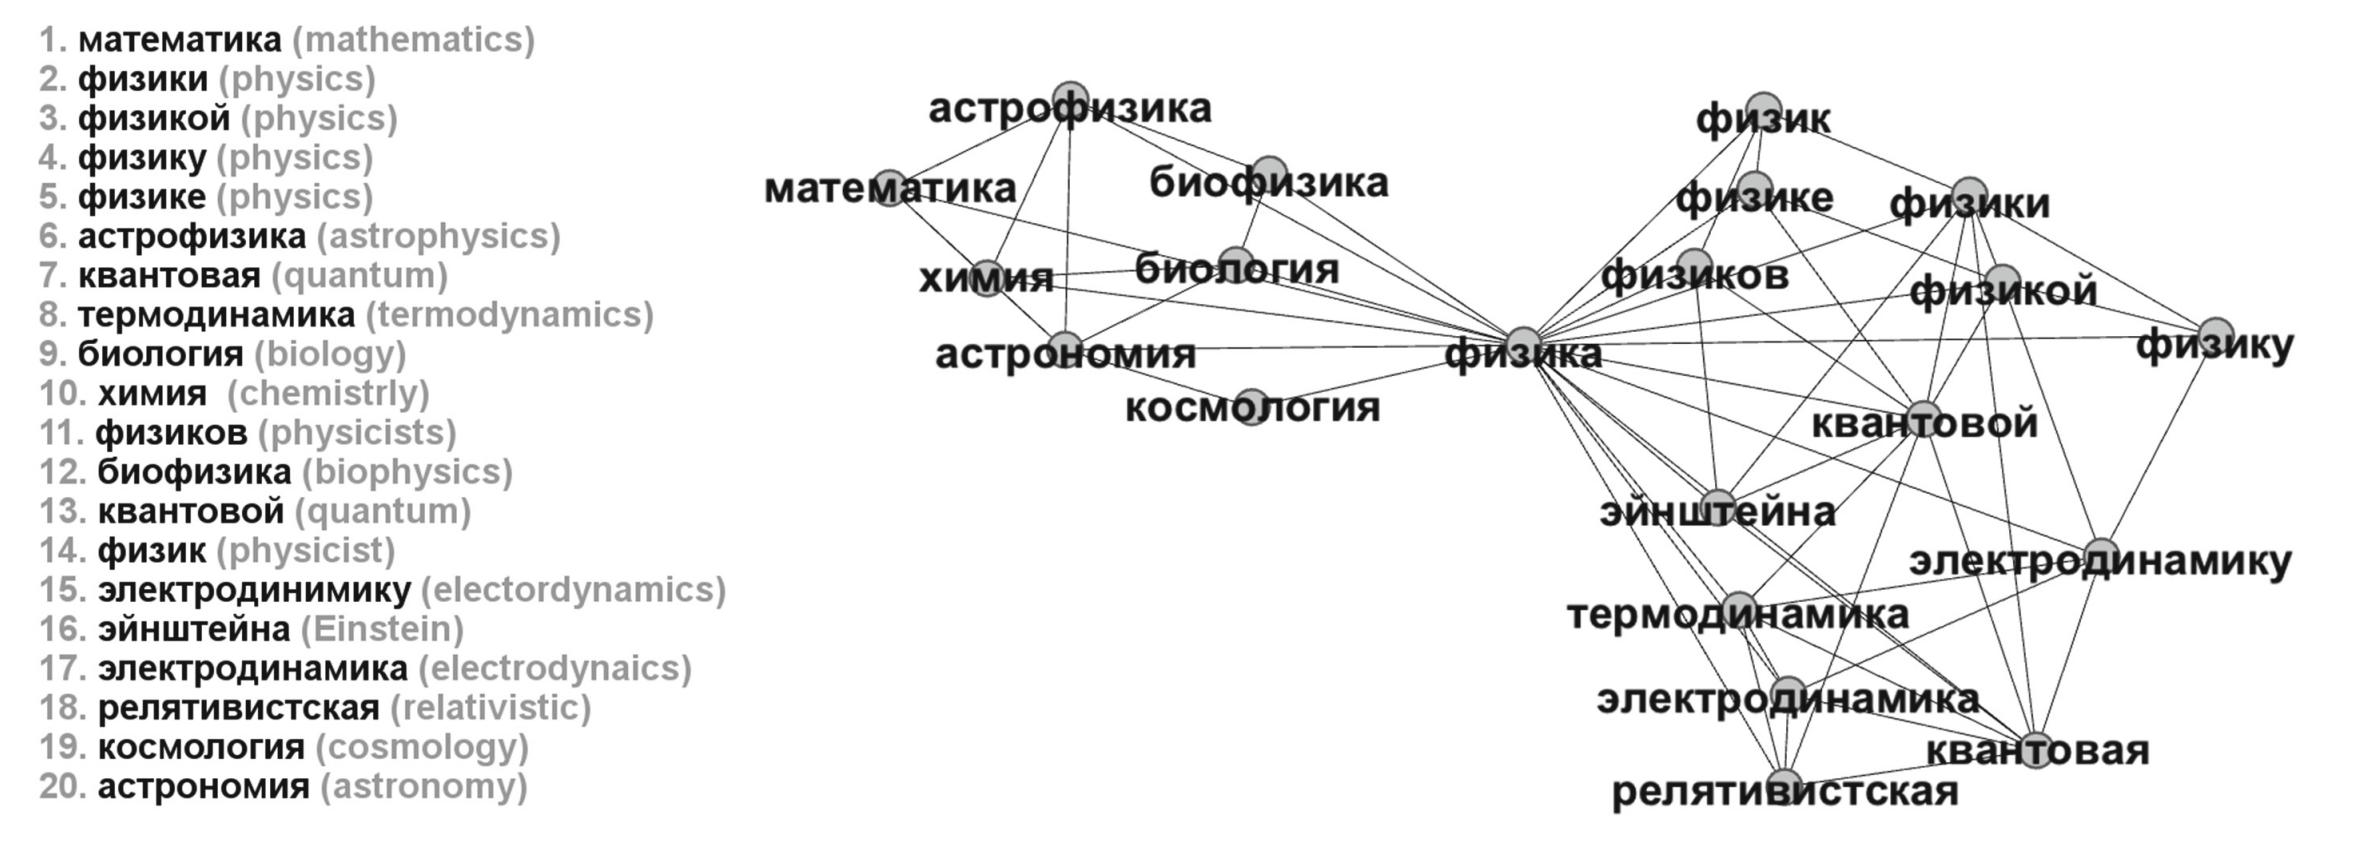 """Визуализация 20 ближайших соседей слова """"физика"""" в форме графа."""